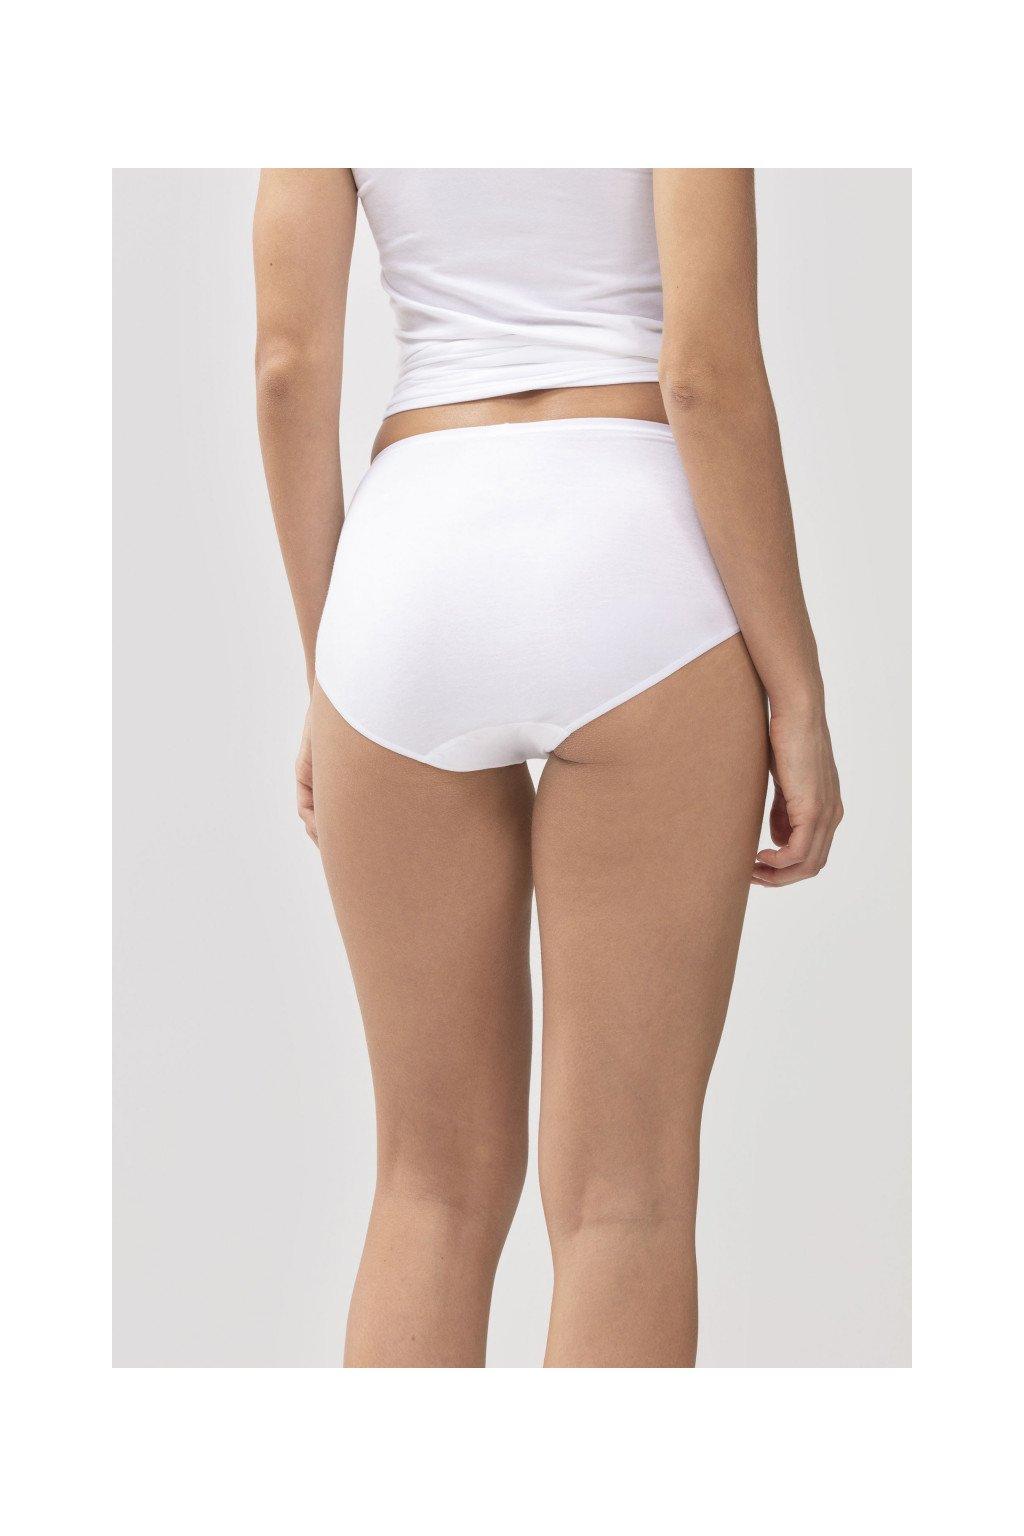 Nohavičky klasické vysoké Mey Organic 29818 x